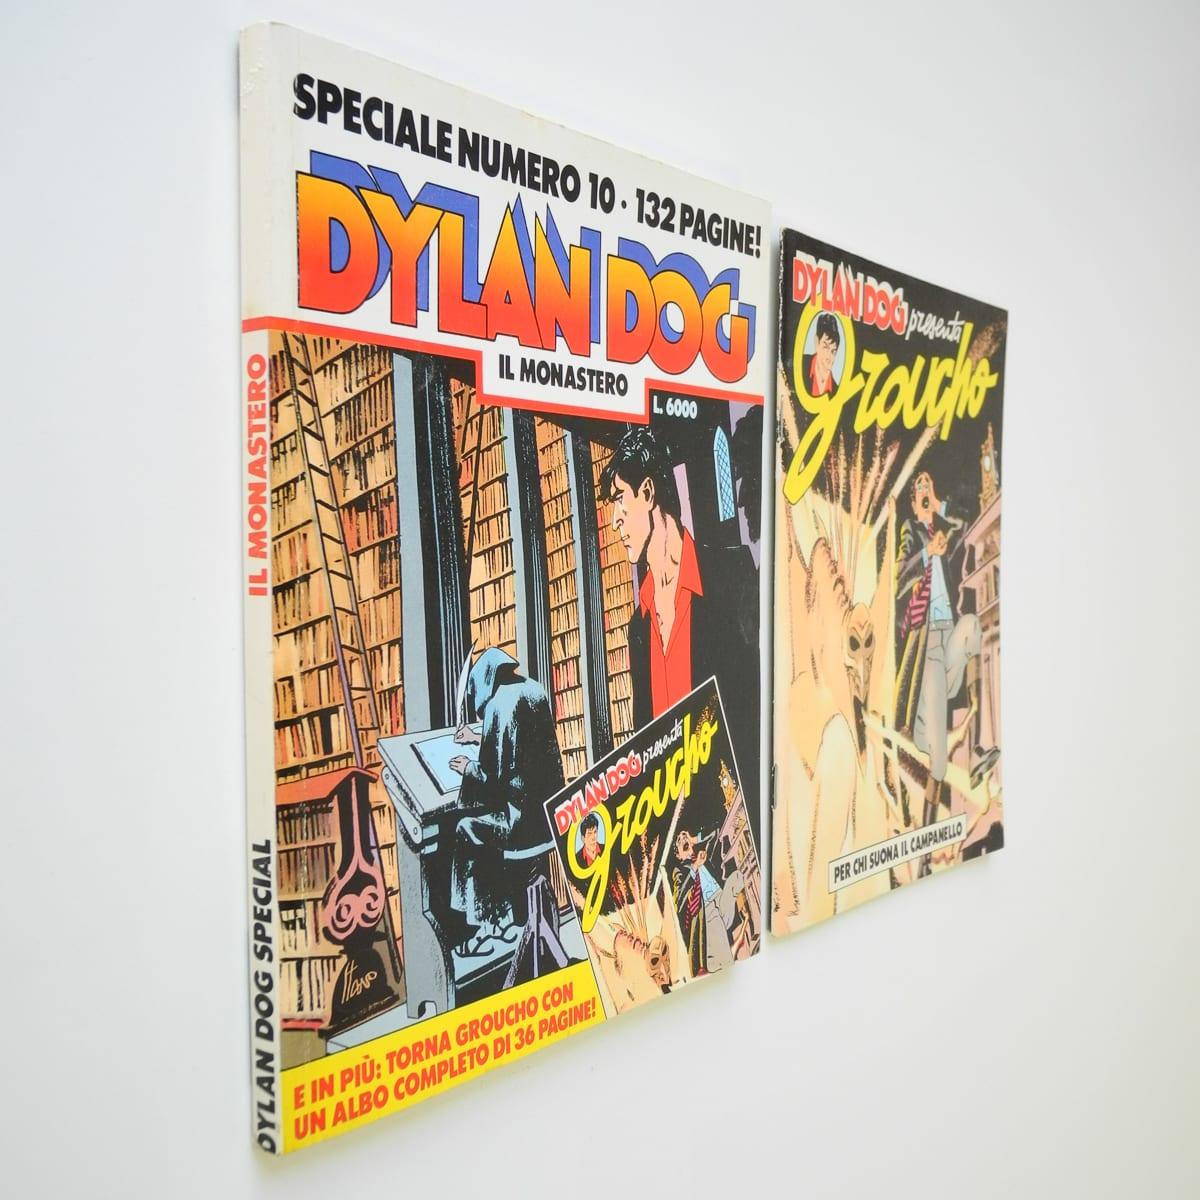 Dylan Dog speciale n. 10 con albetto Bonelli